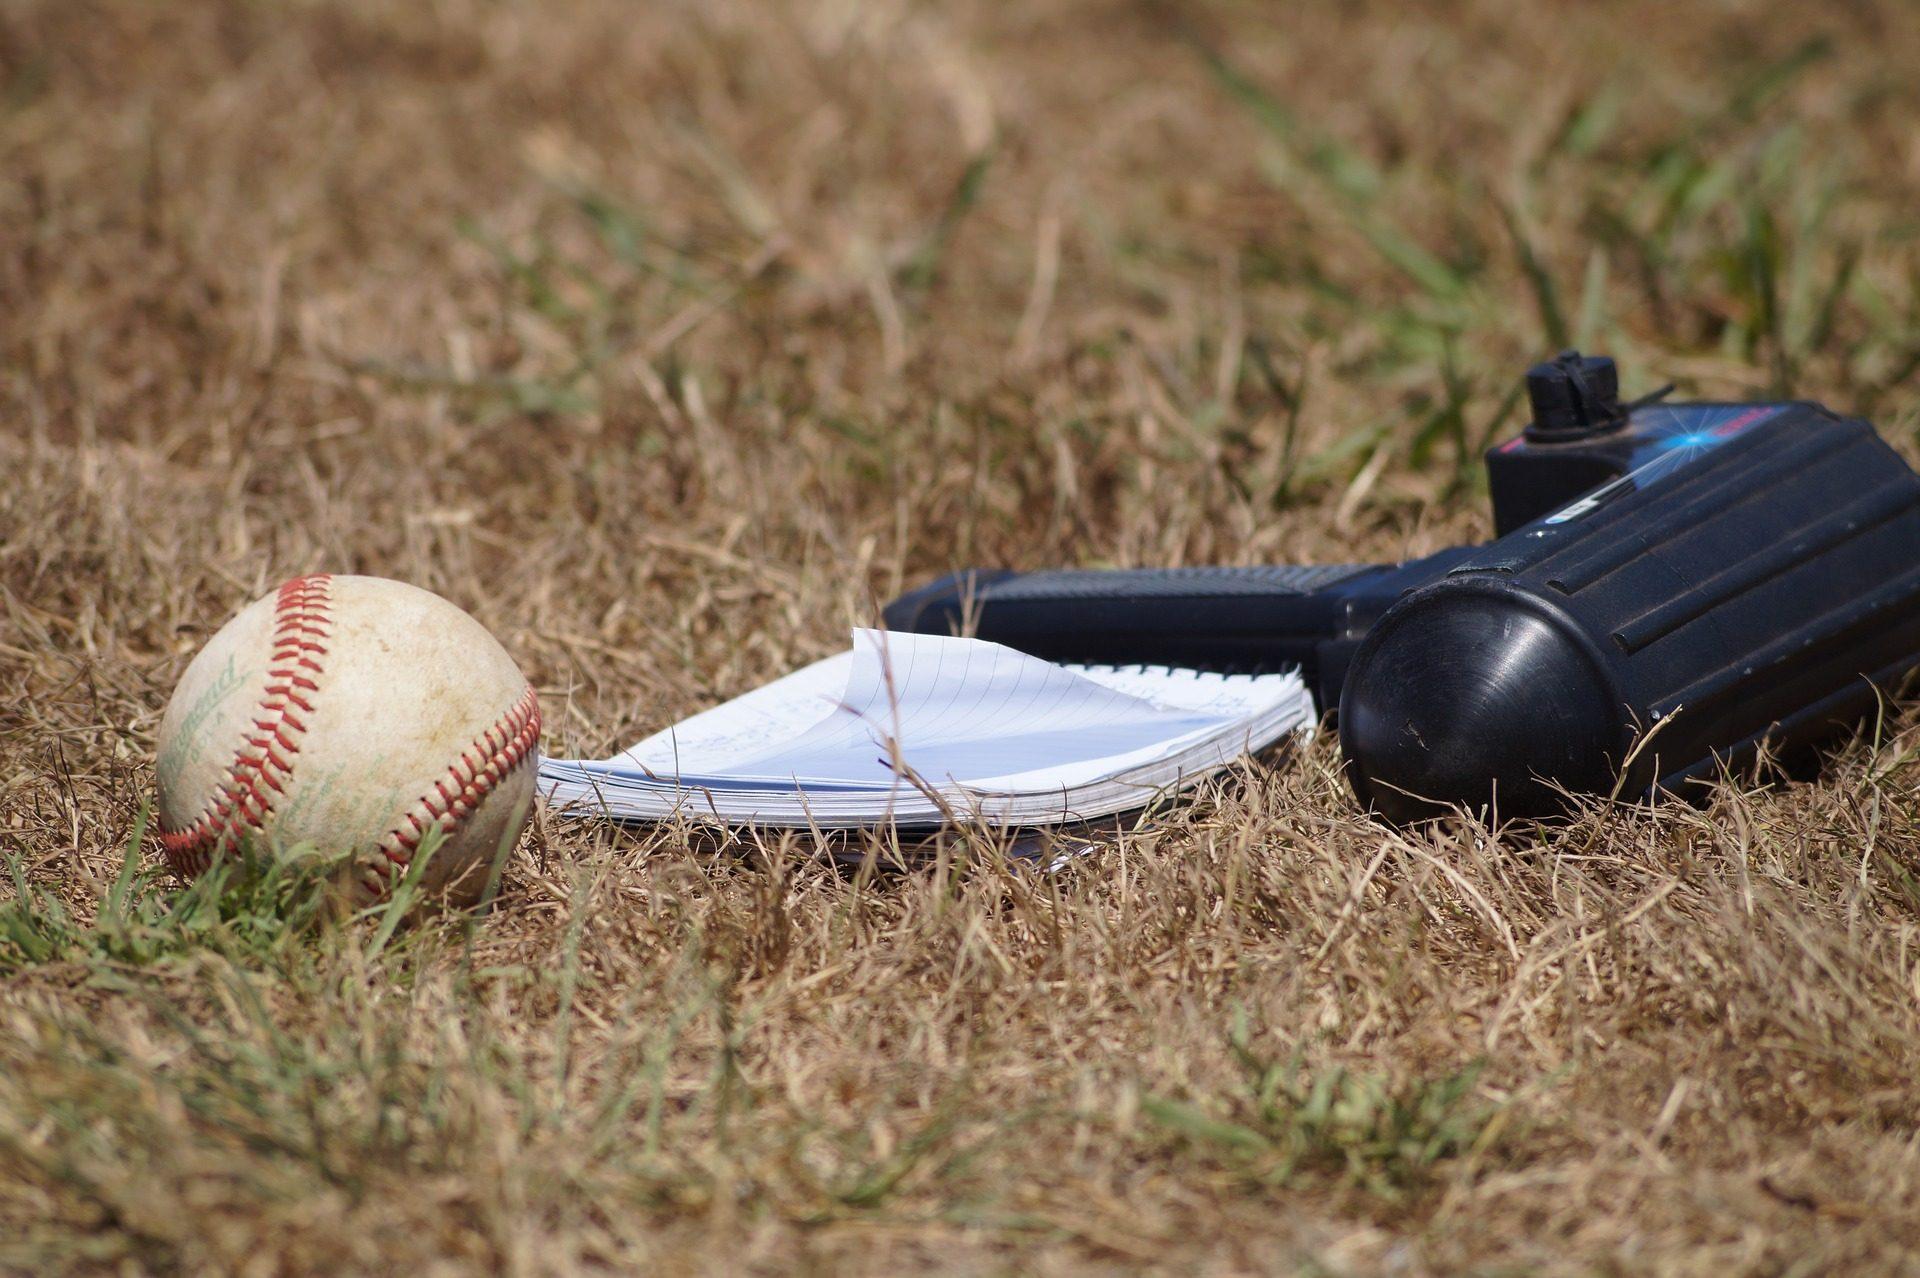 мяч, béisbol, детектор, Адресная книга, Примечания, трава, сухой - Обои HD - Профессор falken.com